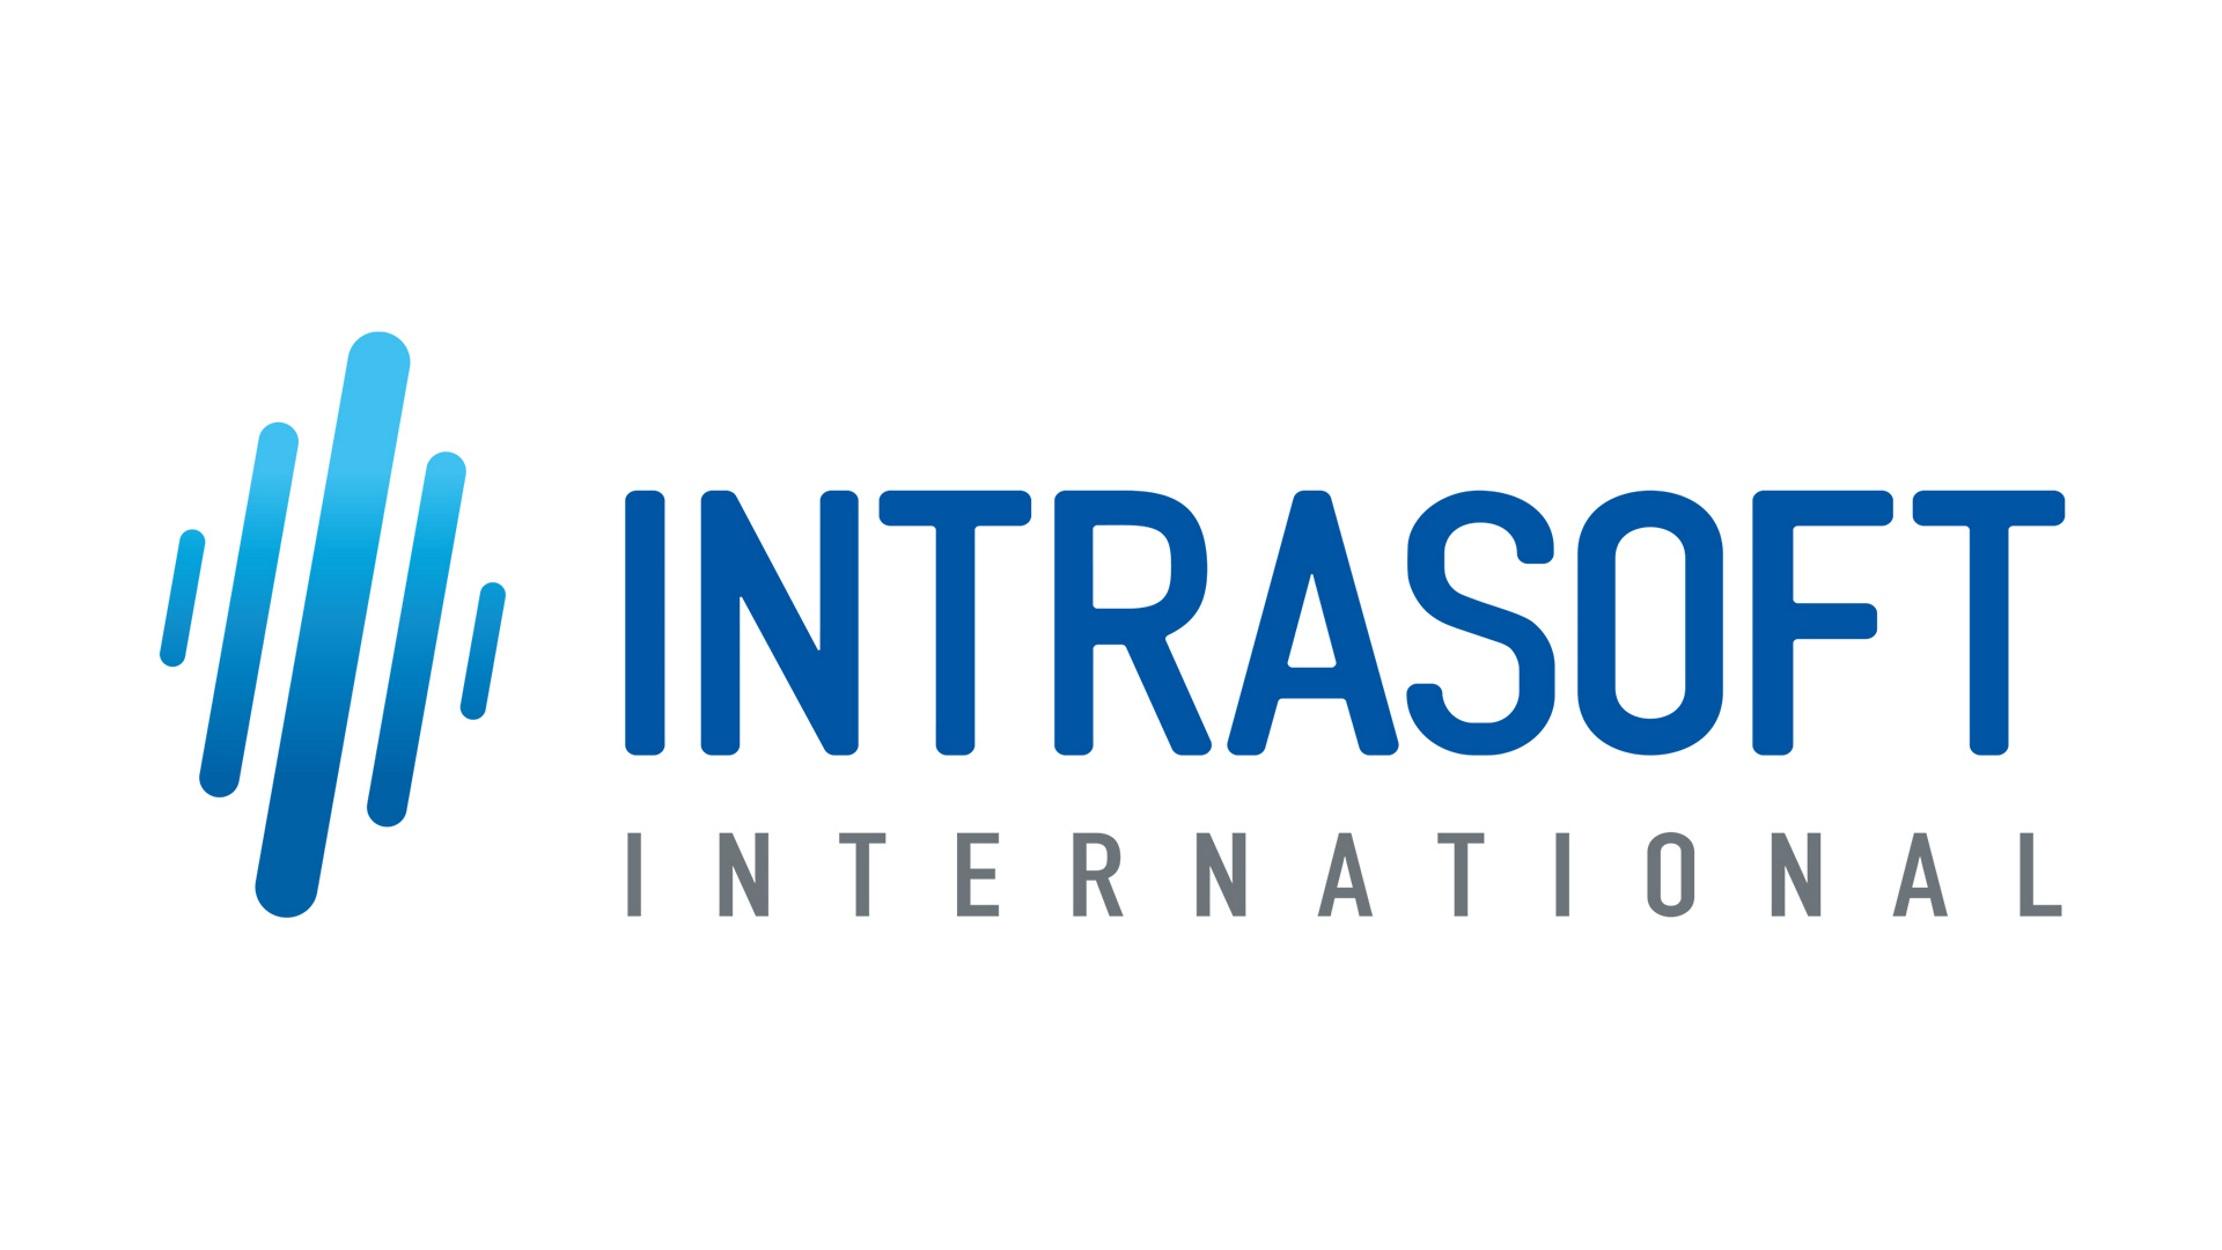 Νέο έργο για την INTRASOFT International με το Ευρωπαϊκό Κοινοβούλιο